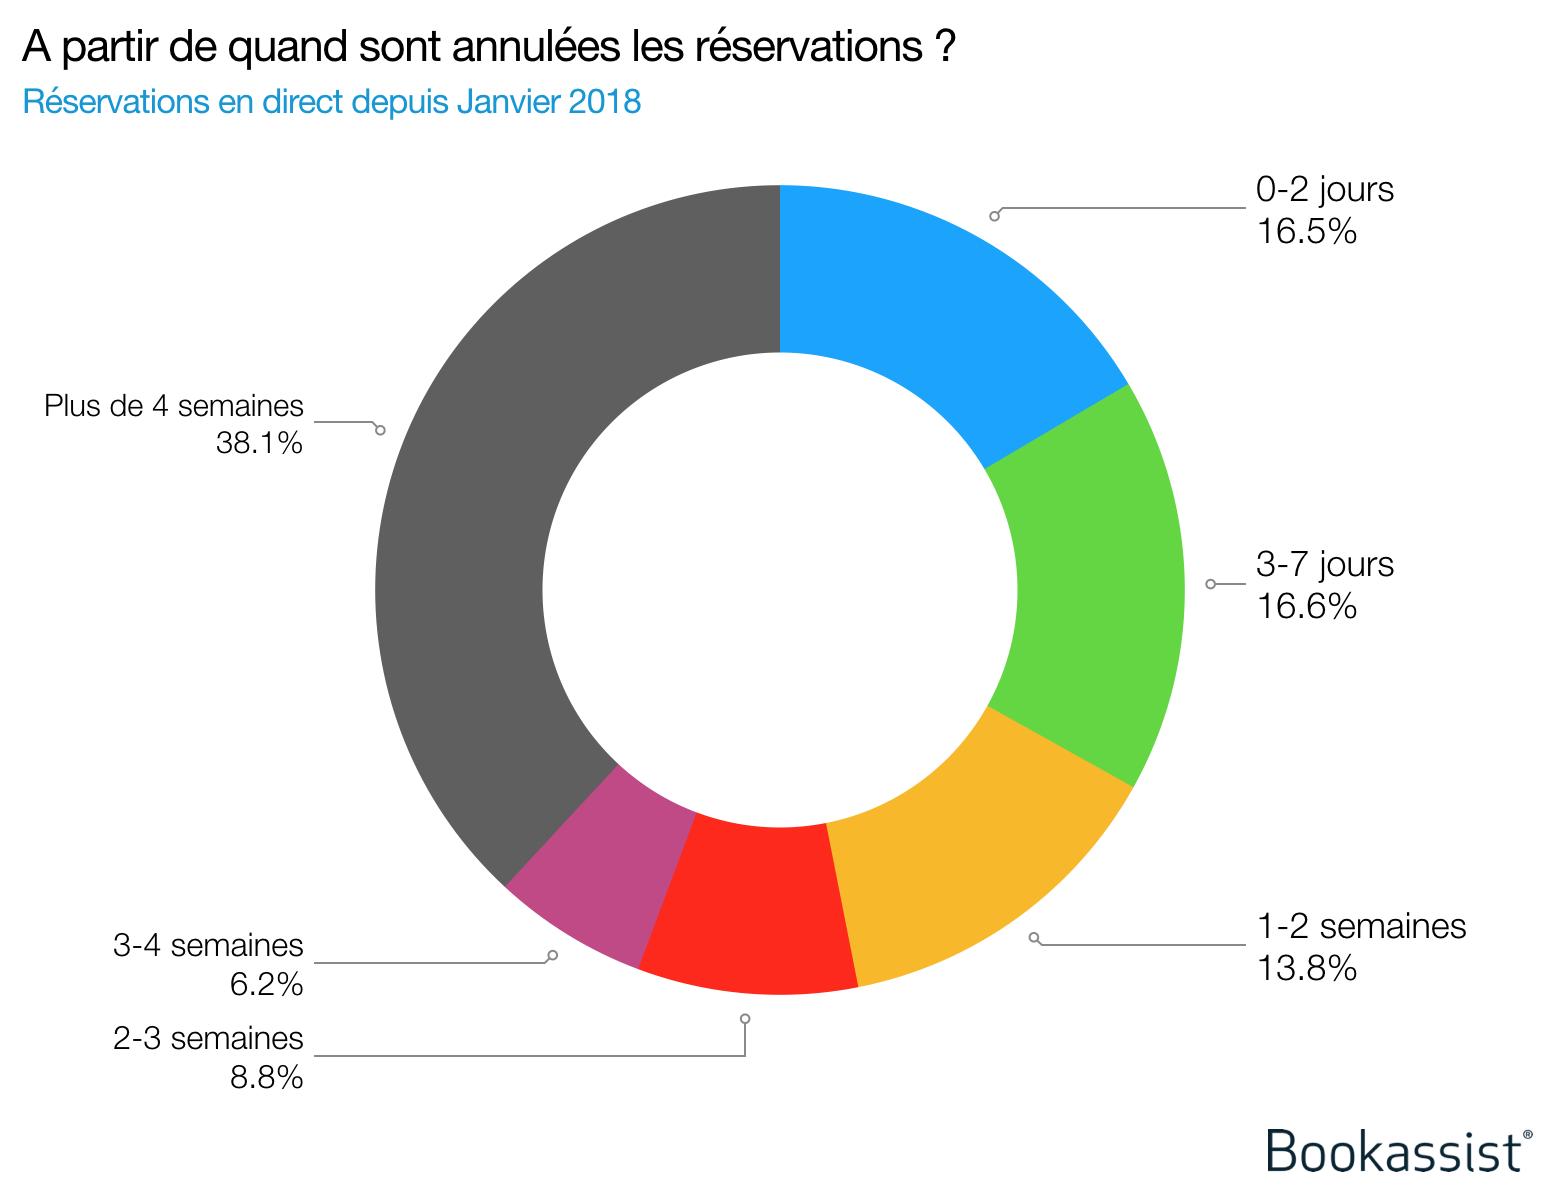 Graphique 3 : Données de Bookassist indiquant la tendance d'annulation des réservations directes selon le délai précédant l'arrivée (données de janvier 2018).